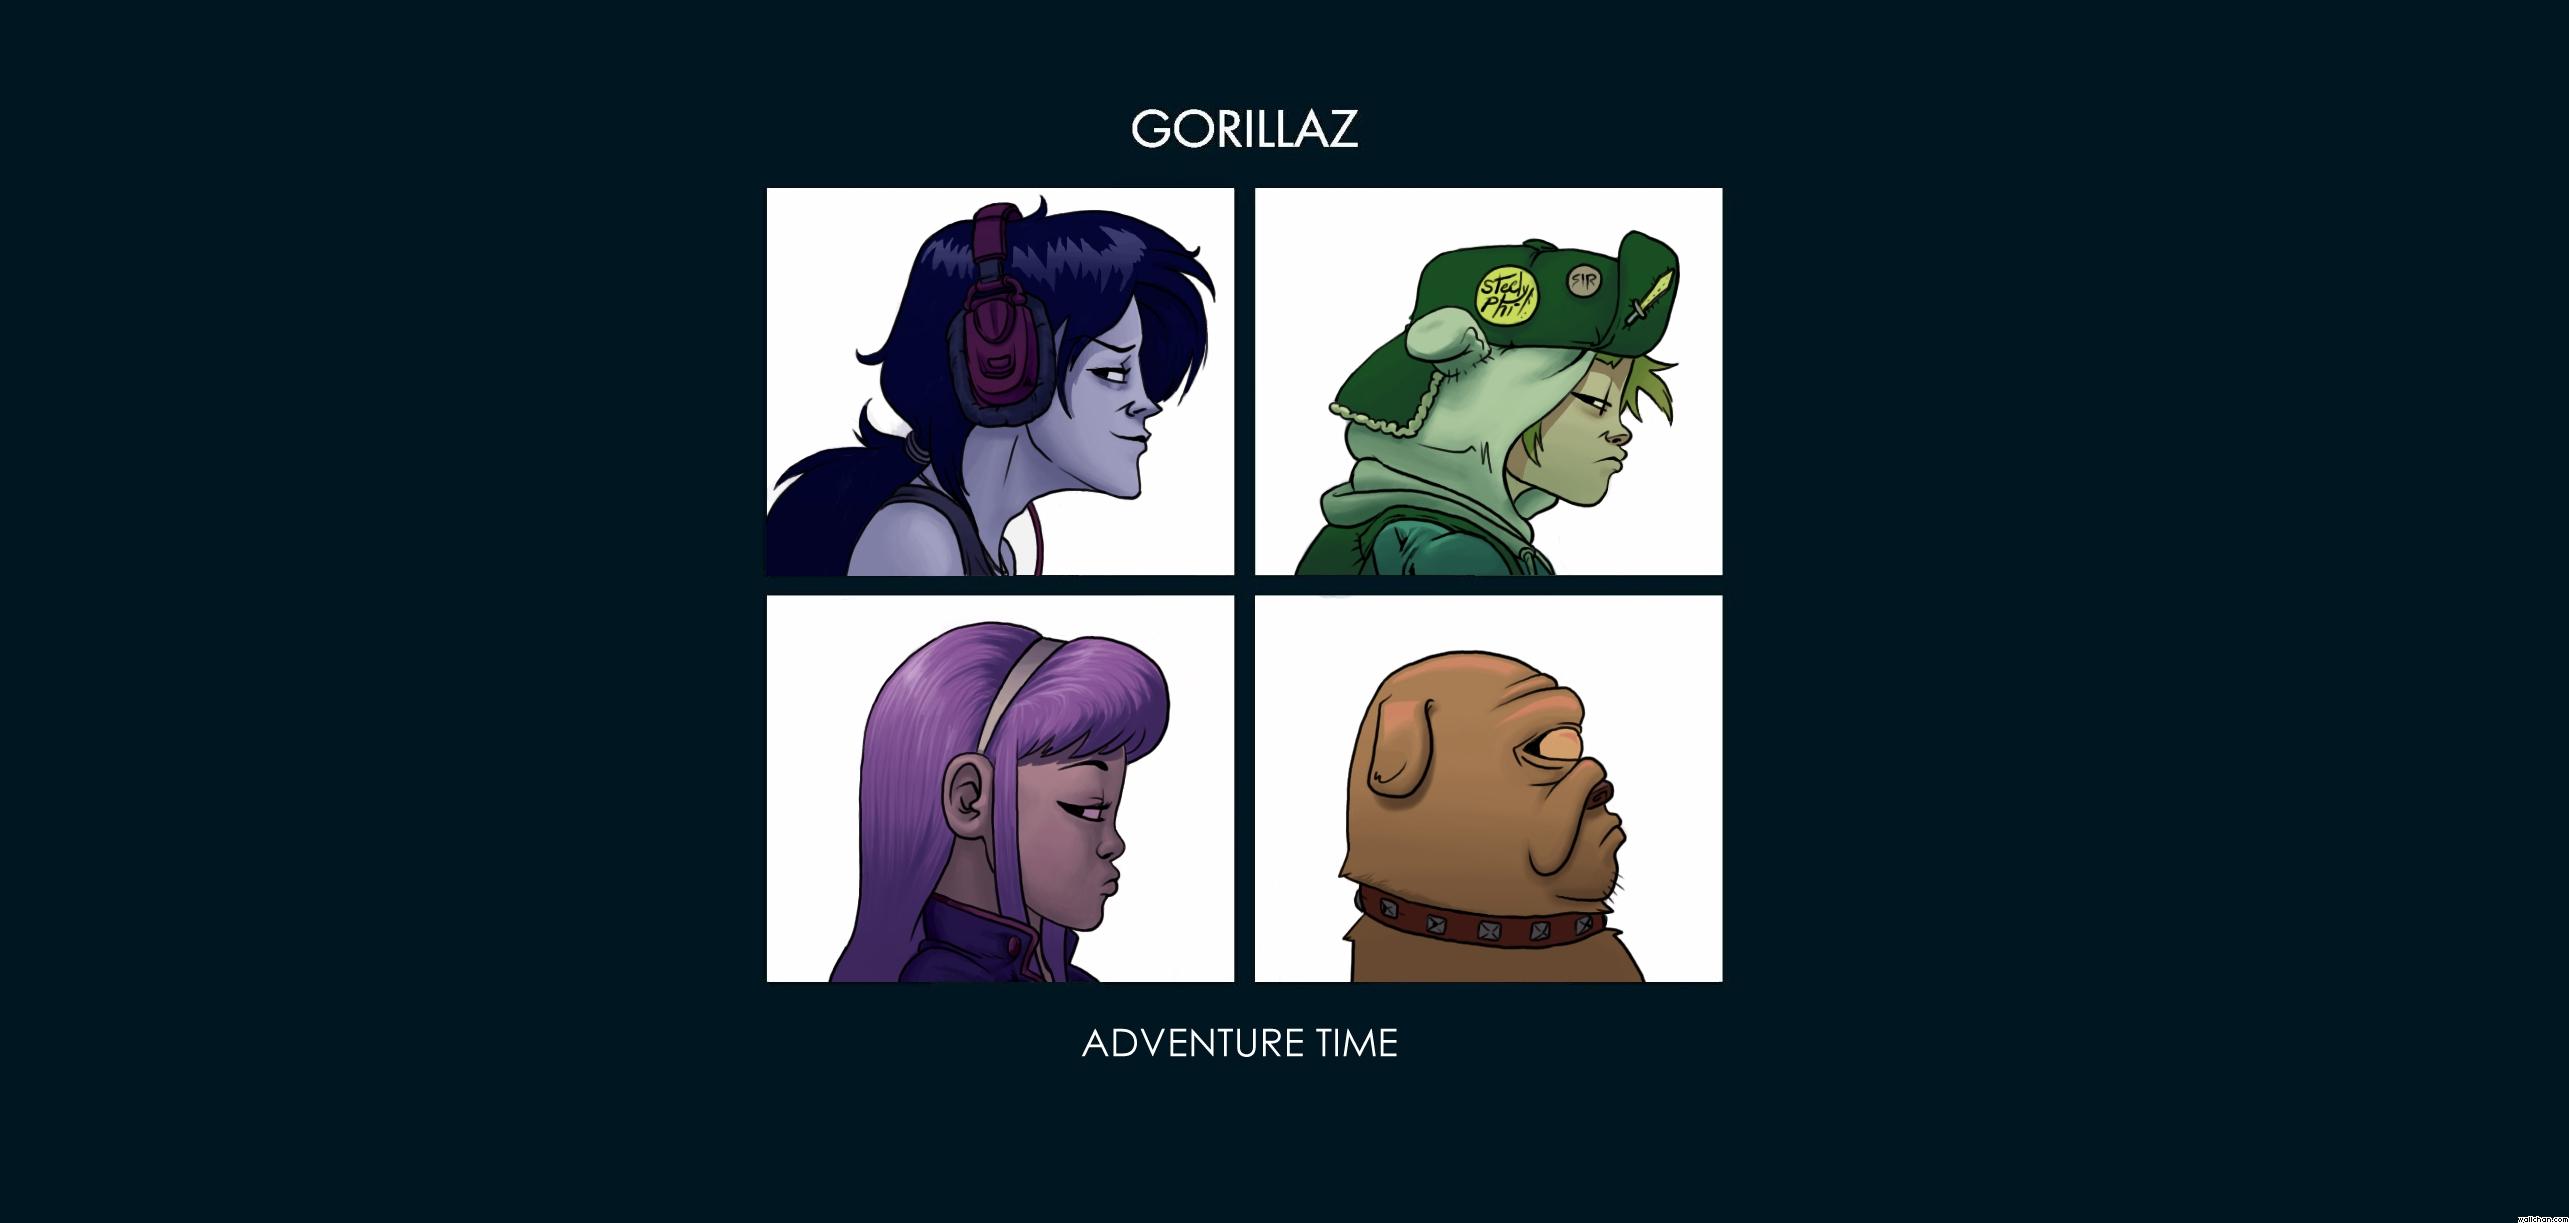 Gorillaz Wallpaper Android